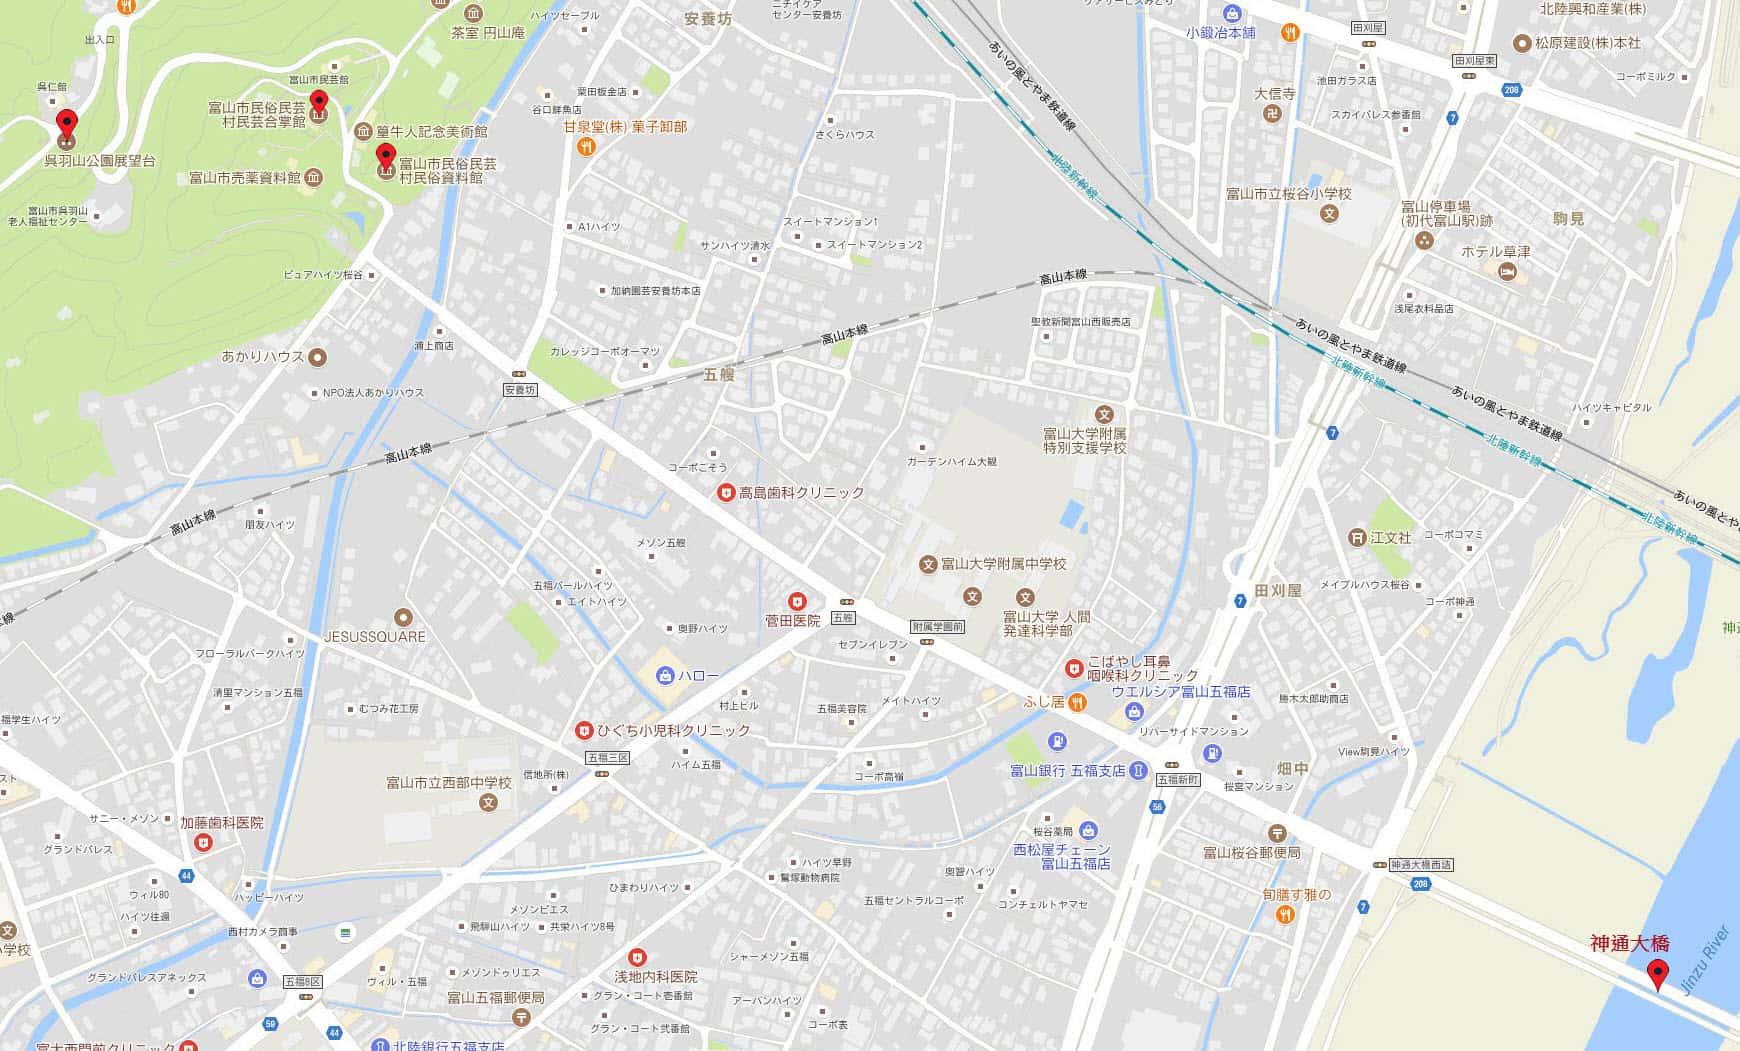 富山市民俗資料館、富山市民芸合掌館、呉羽山公園展望台地圖